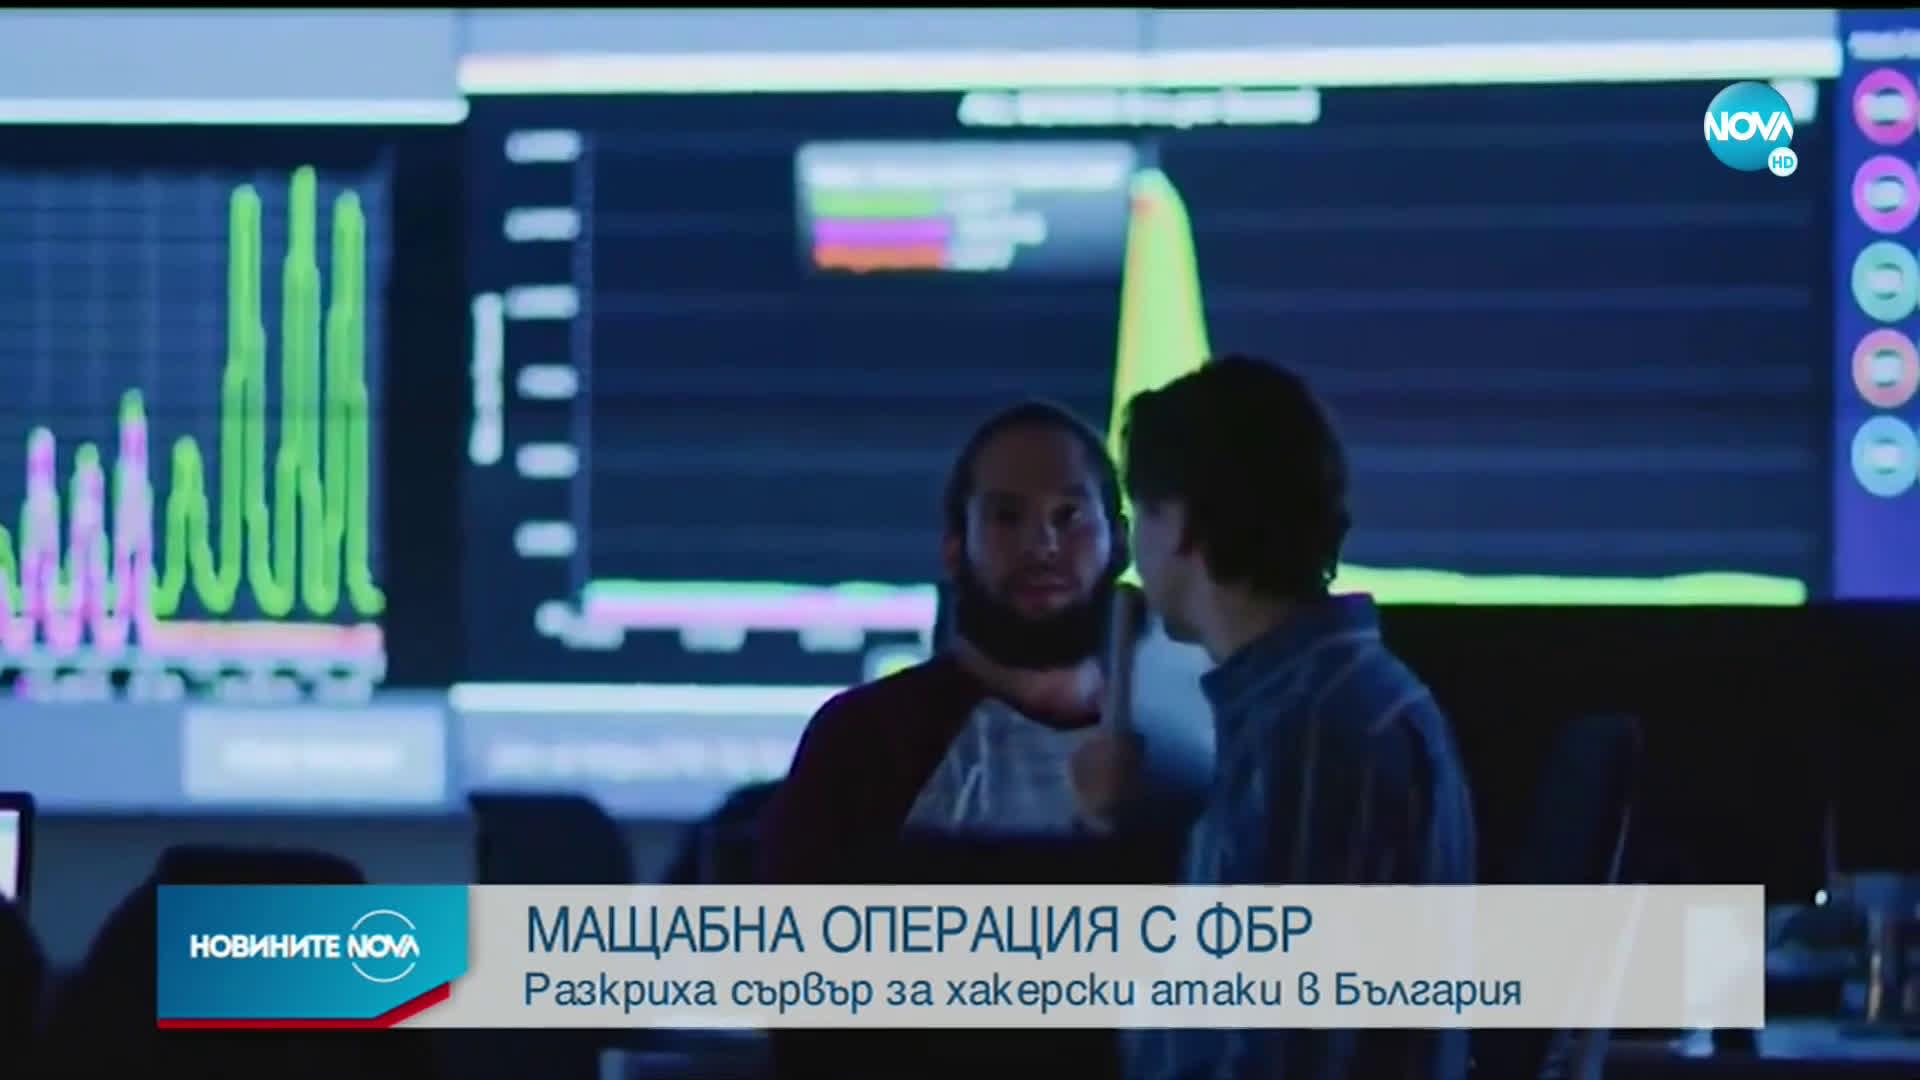 ФБР и български разследващи разкриха сървър за хакерски атаки у нас